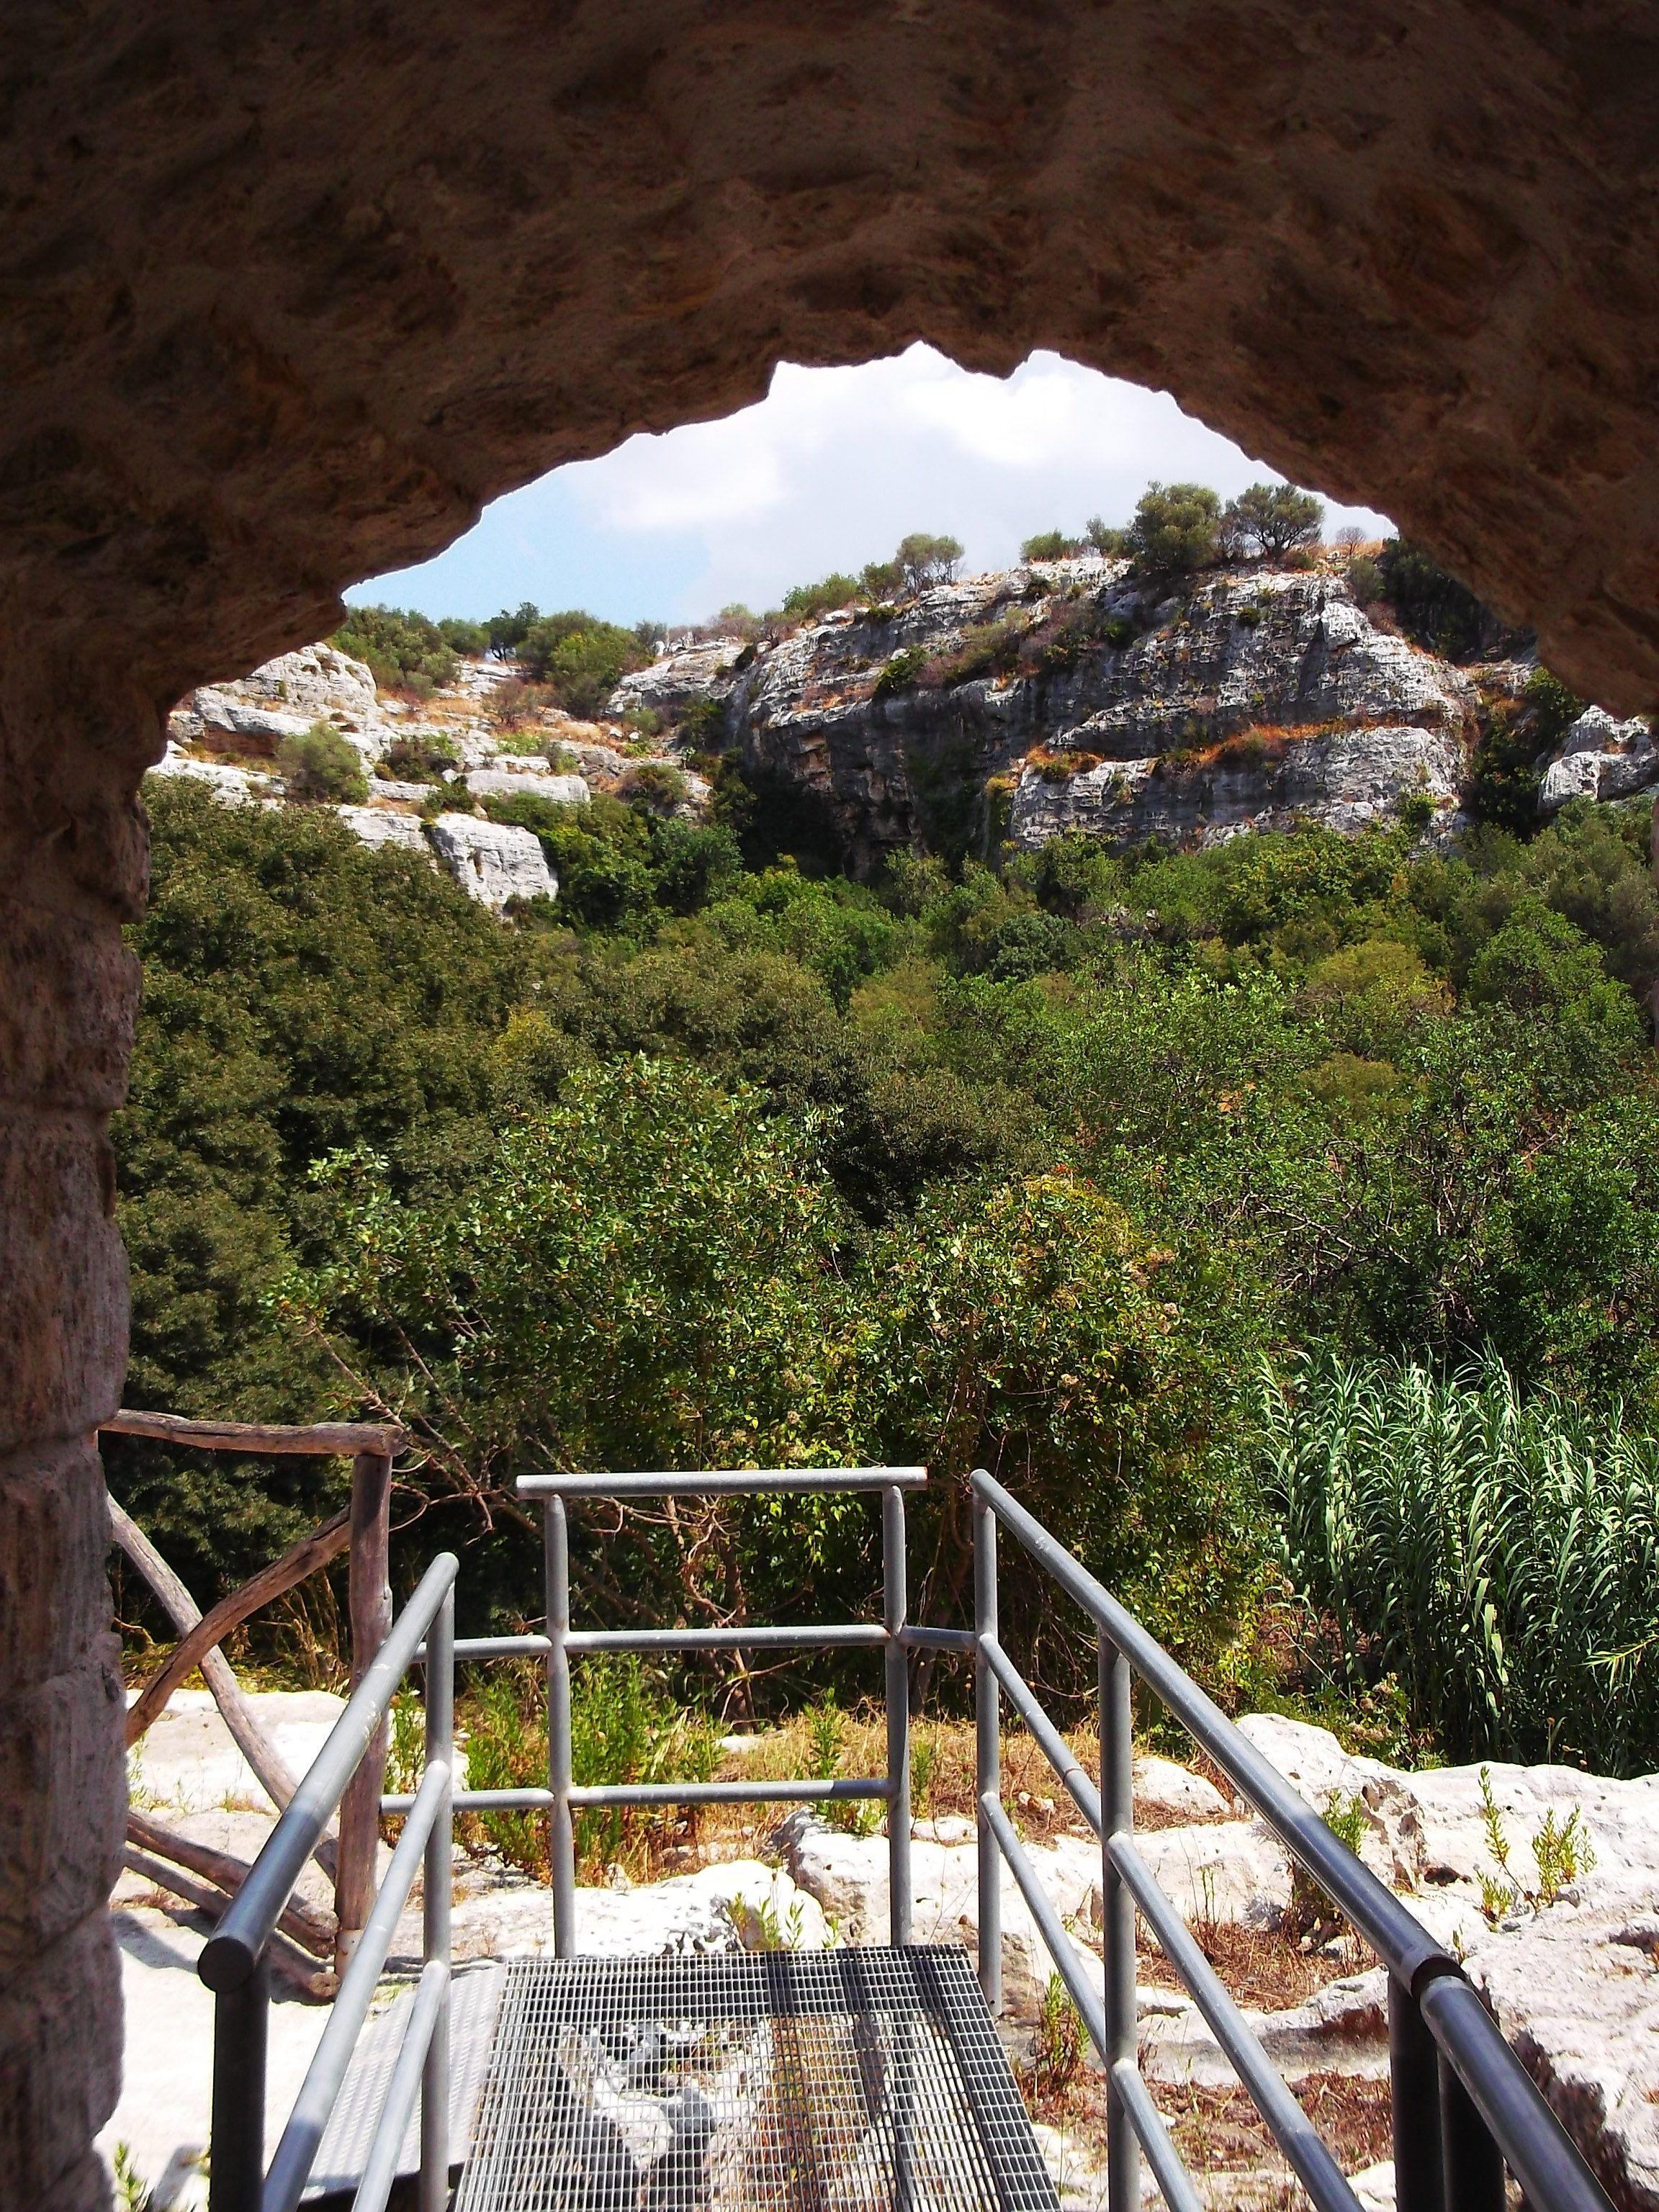 """Ispica (RG) - Ingresso alla spettacolare Cava di Ispica, un tortuoso taglio naturale tra rocce calcaree e vegetazione rigogliosa - Acces to Cava Ispica, """"cava"""" is a false friend of """"cave"""", in Sicily the term """"cava"""" is like """"canyon""""."""